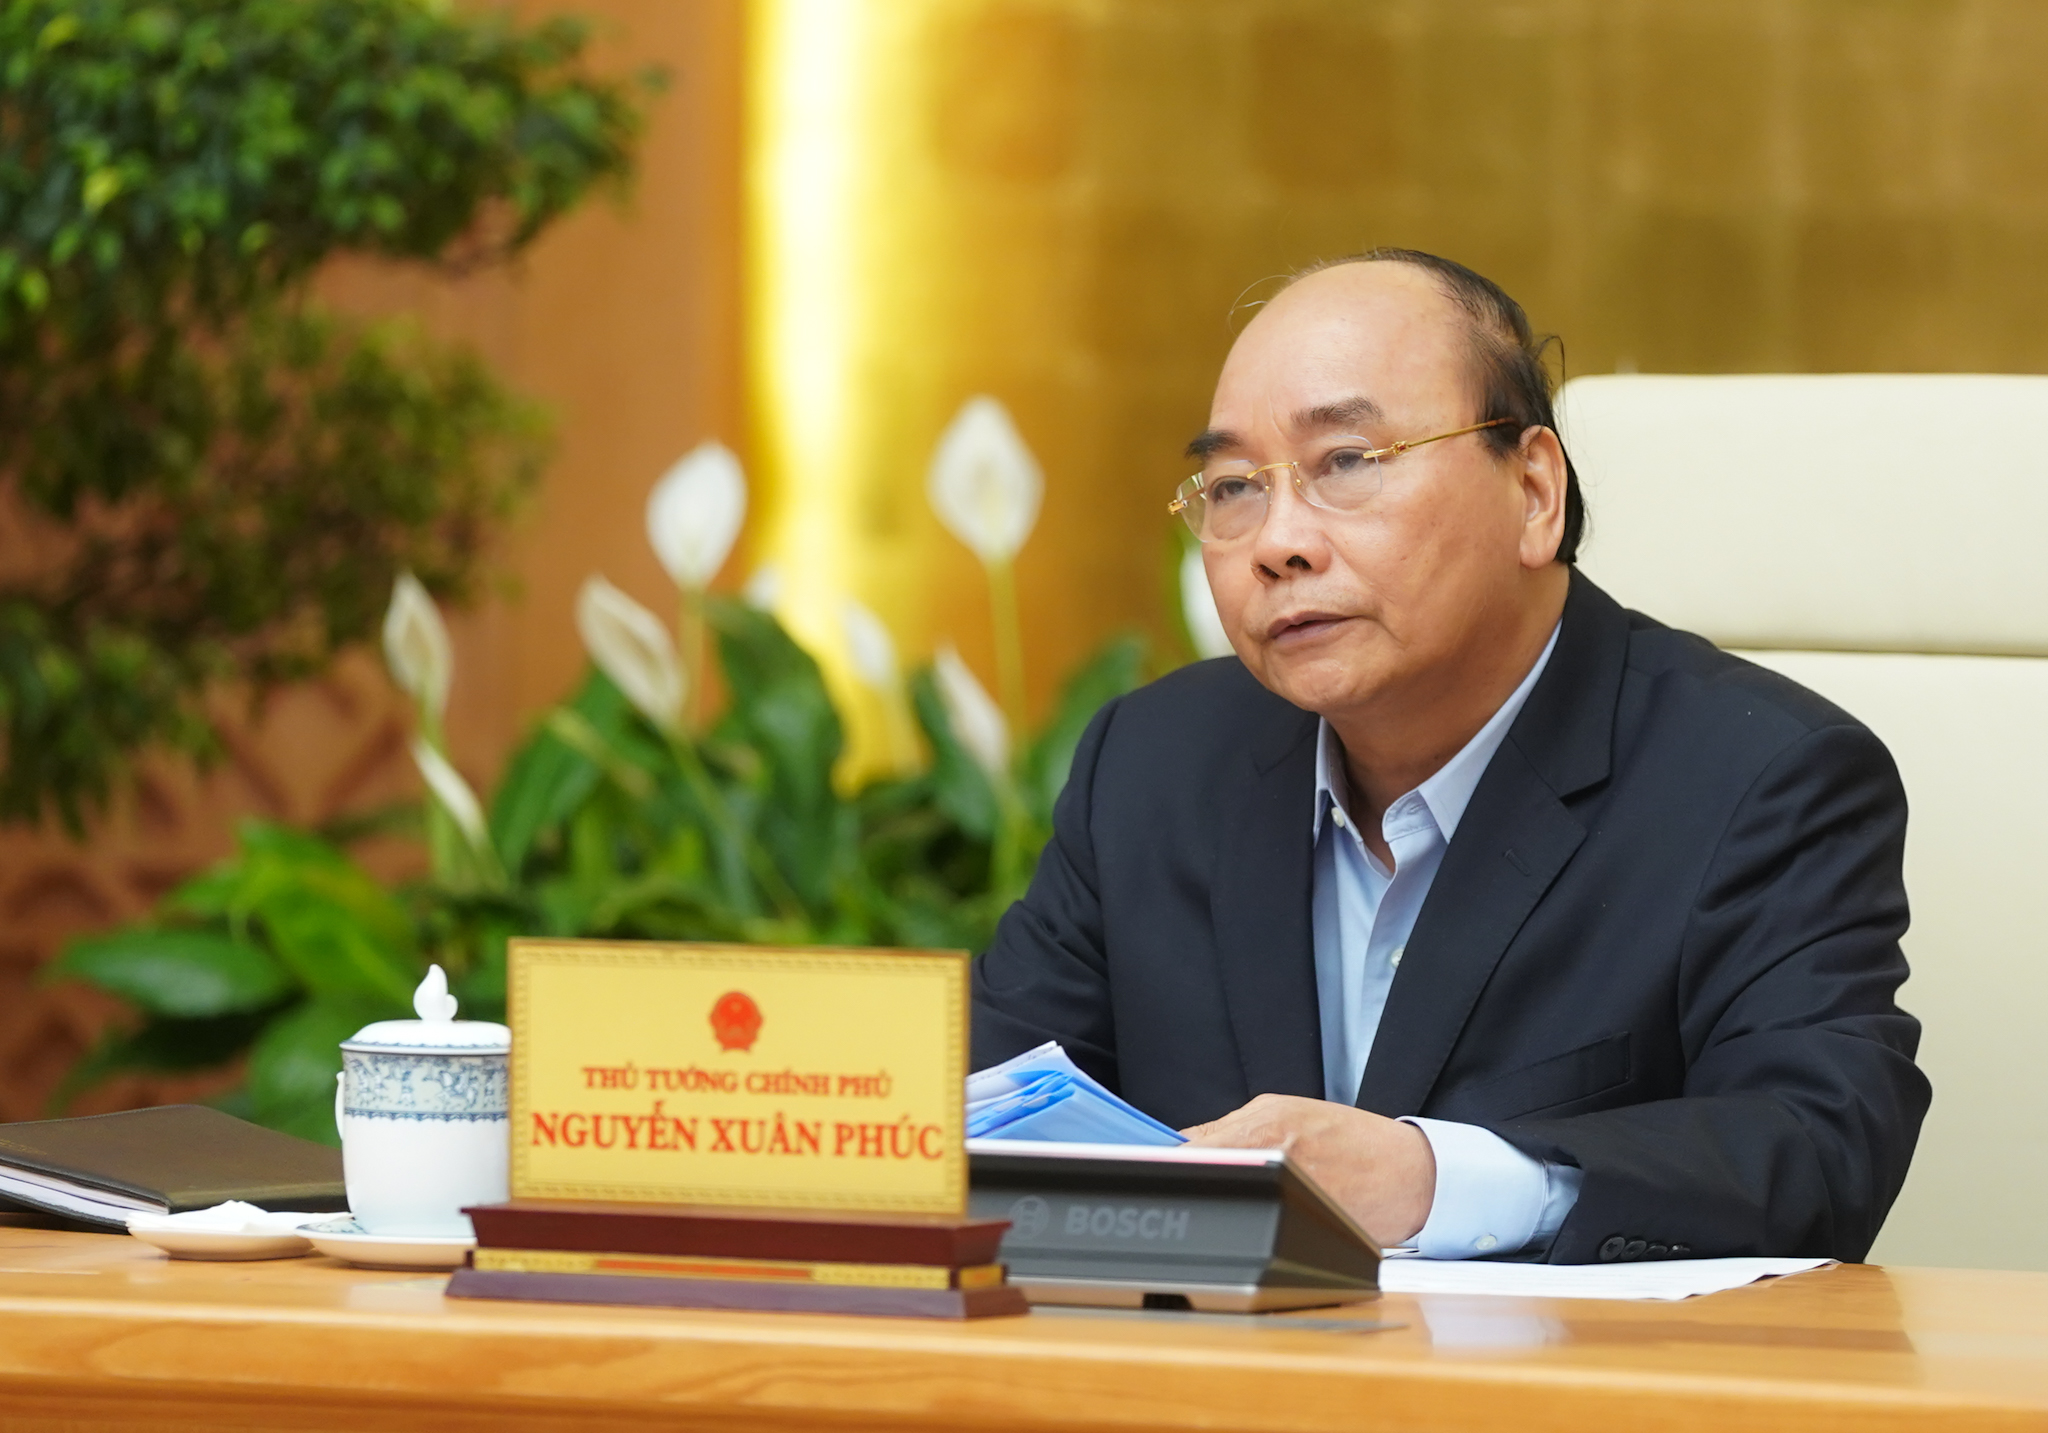 Rà soát tất cả trường hợp đã nhập cảnh Việt Nam từ 8 3 2020